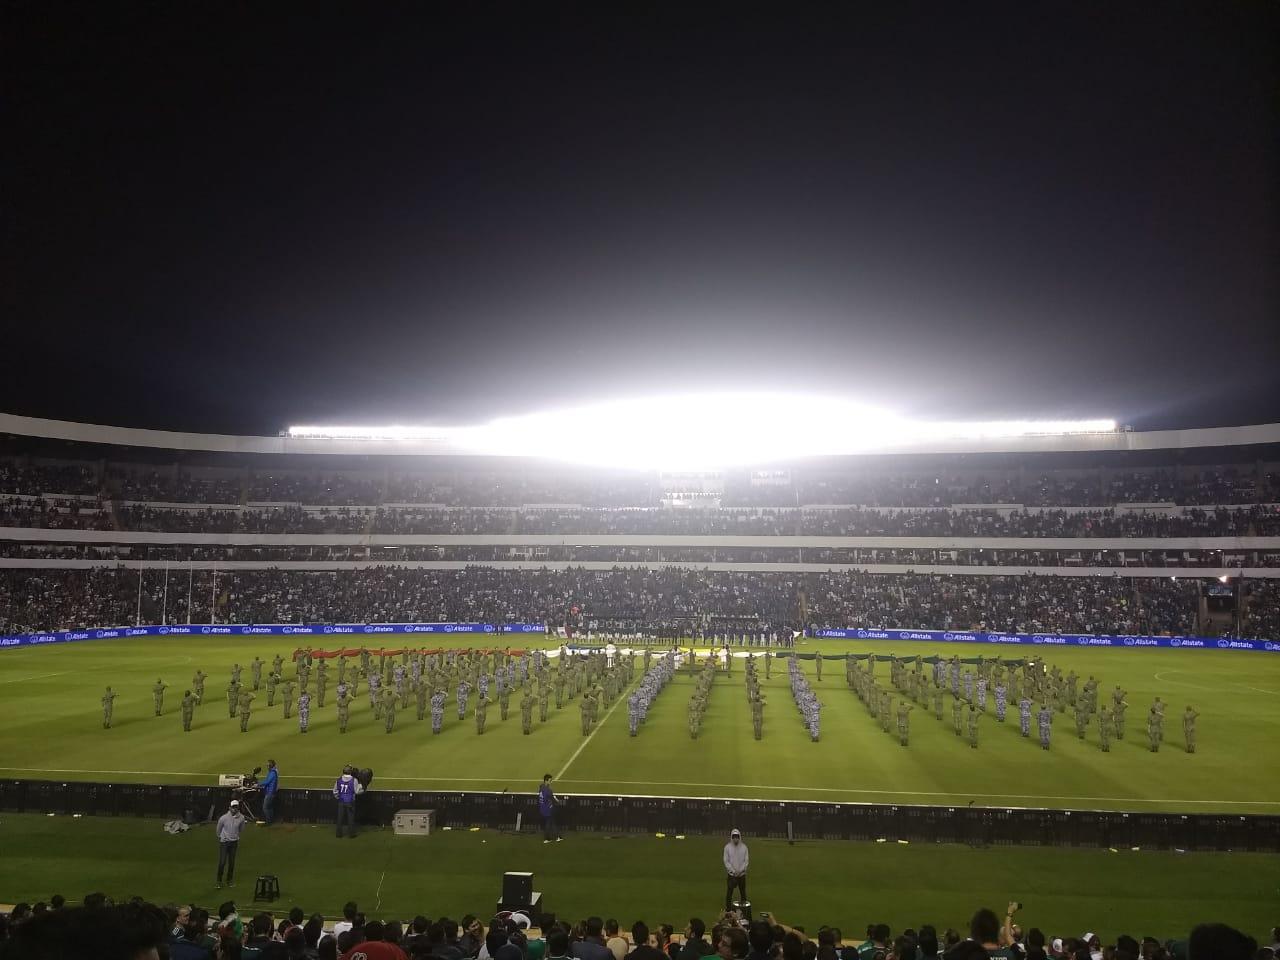 San Lázaro, Verónica Boquete, Estadio, Nombre, España